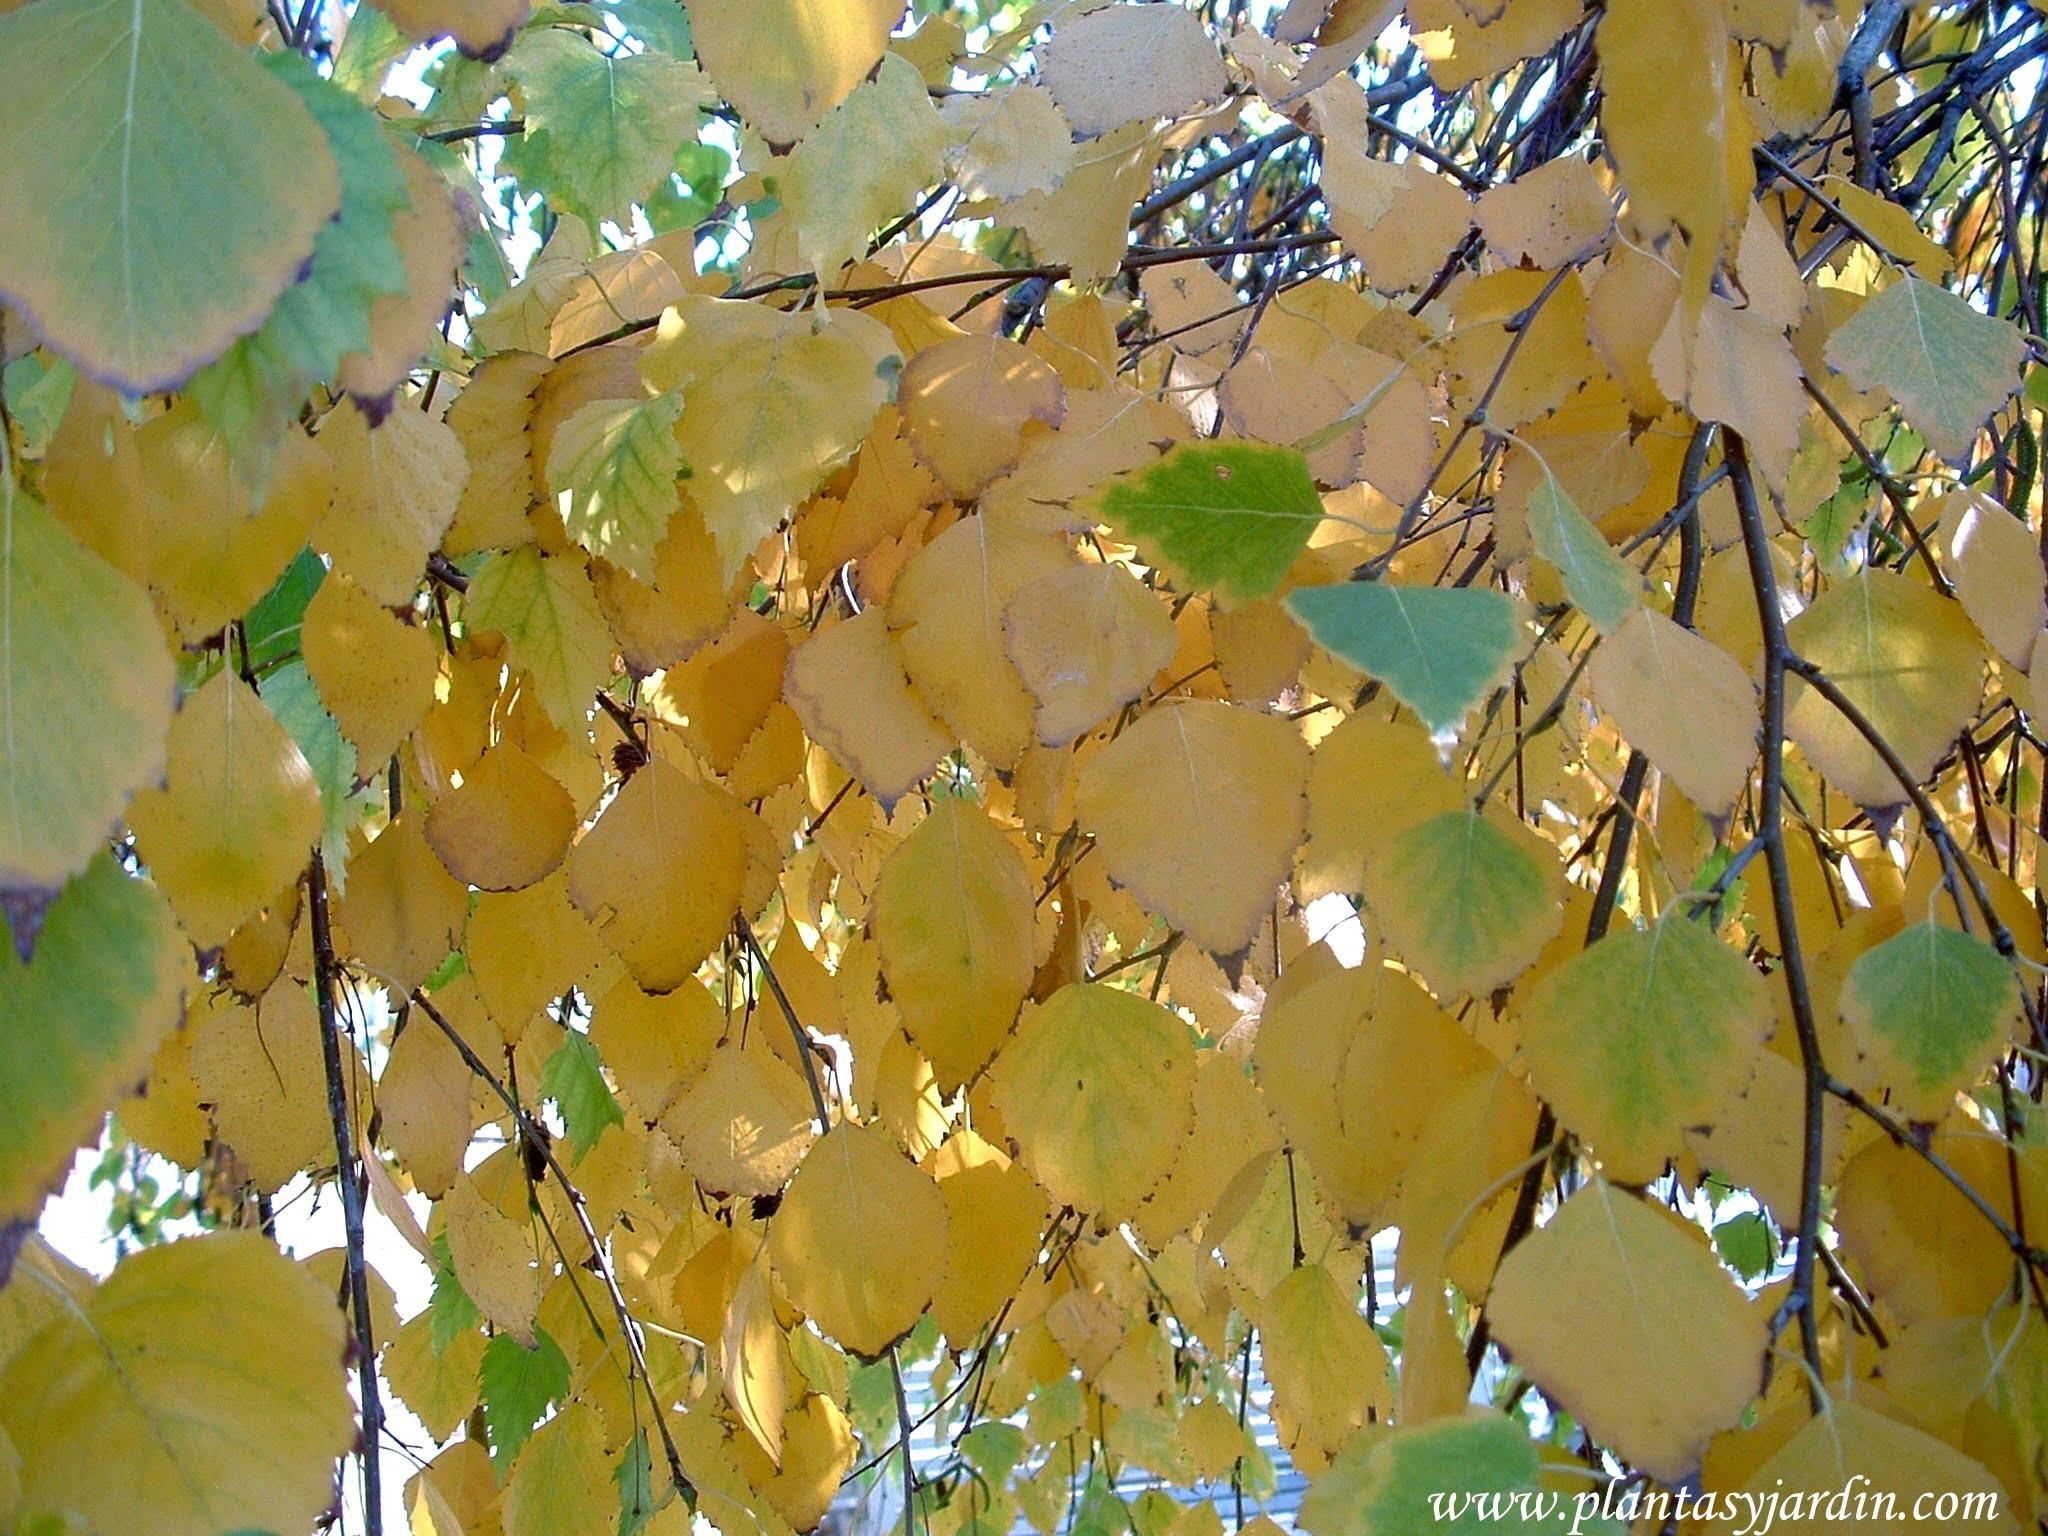 Betula pendula, Abedul detalle follaje amarillo dorado en otoño